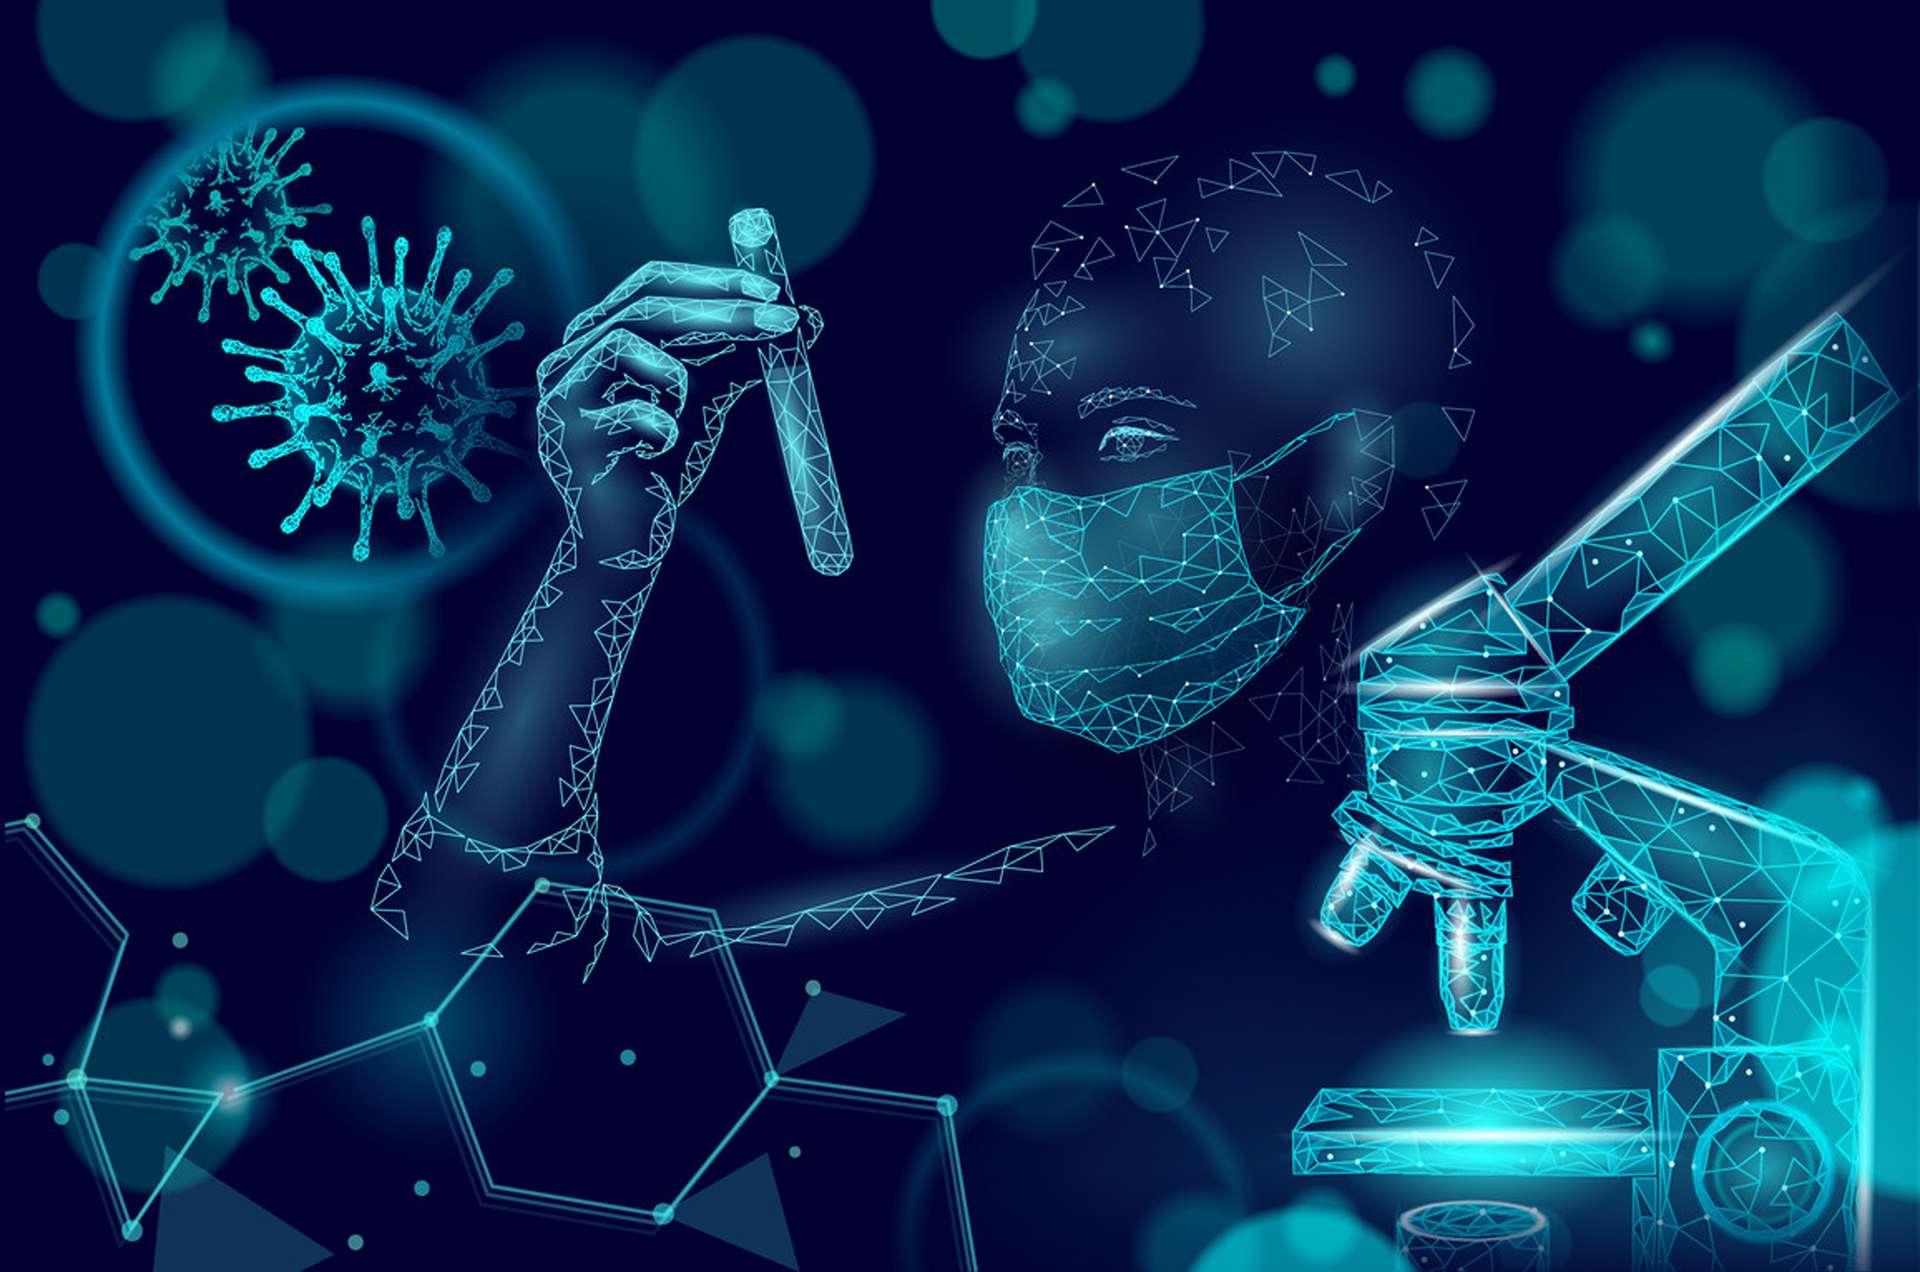 Des corrélations ont été observées entre charge virale et diminution des symptômes chez les infectés à ce nouveau variant mais trop de facteurs de confusions subsistaient encore pour pouvoir tirer des conclusions péremptoires. © A, Adobe Stock